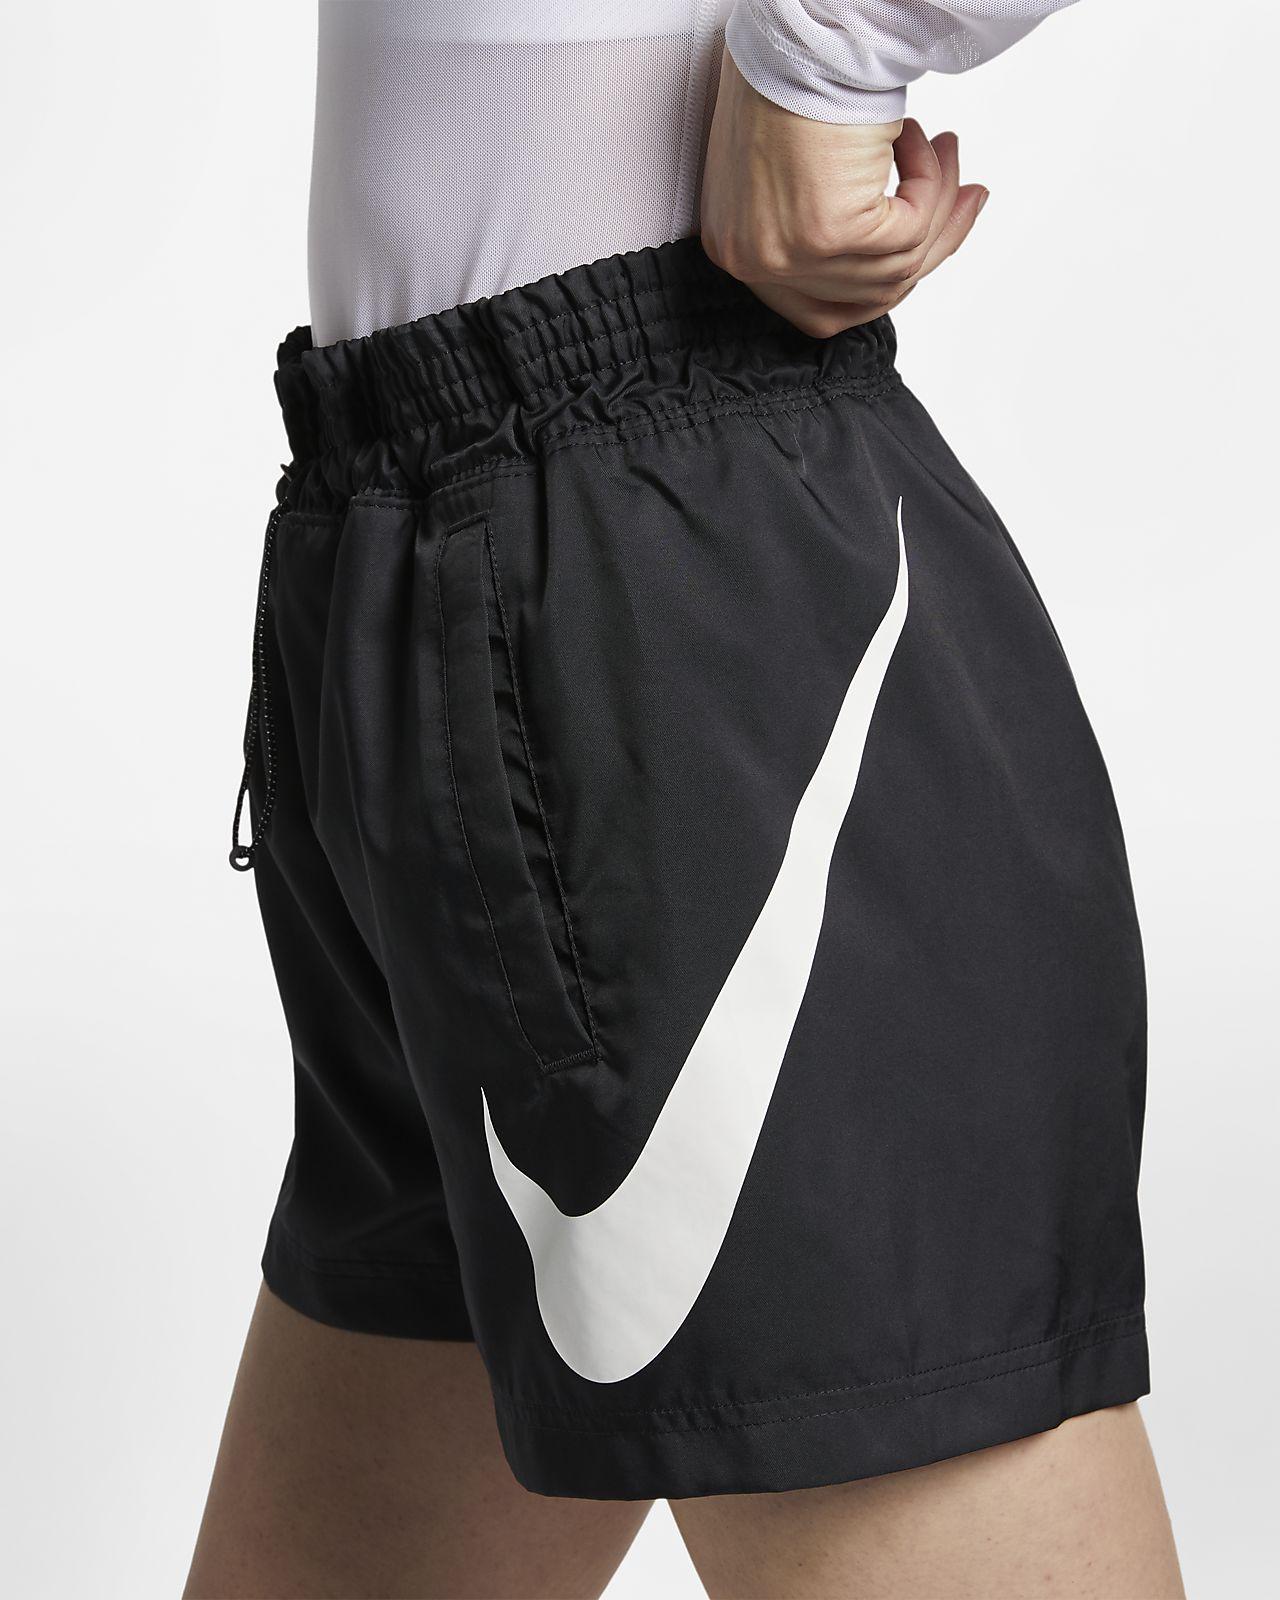 fa591e56 Nike Sportswear Swoosh Women's Woven Shorts. Nike.com CA